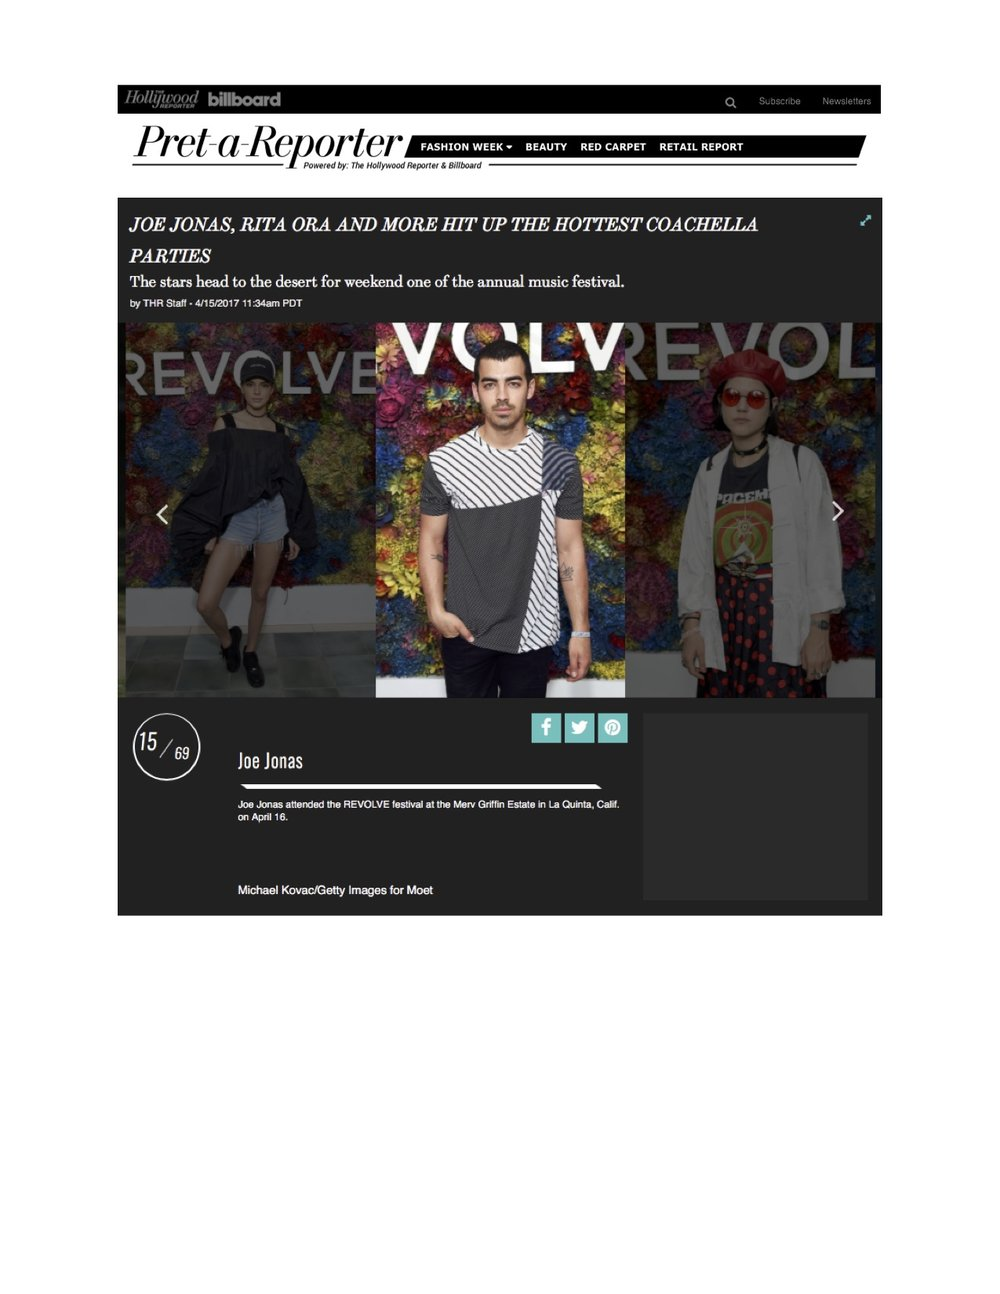 HollywoodReporter.com - Jone Jonas - REVOLVE Festival 2.jpg